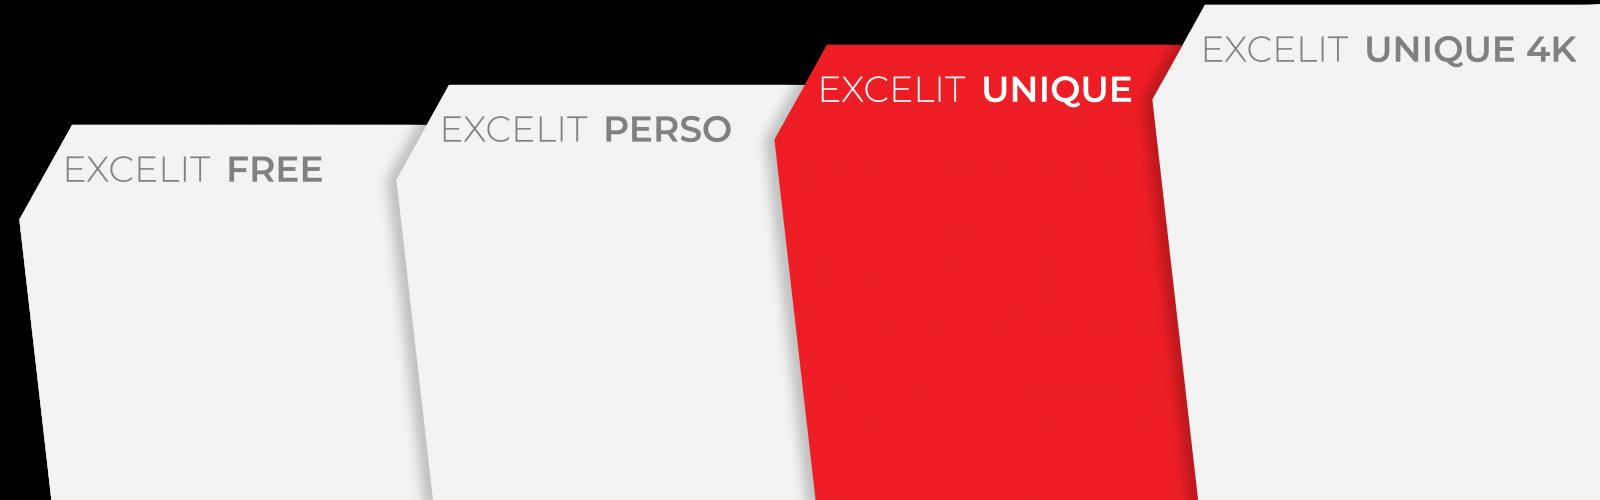 Excelit_Unique_Hero2